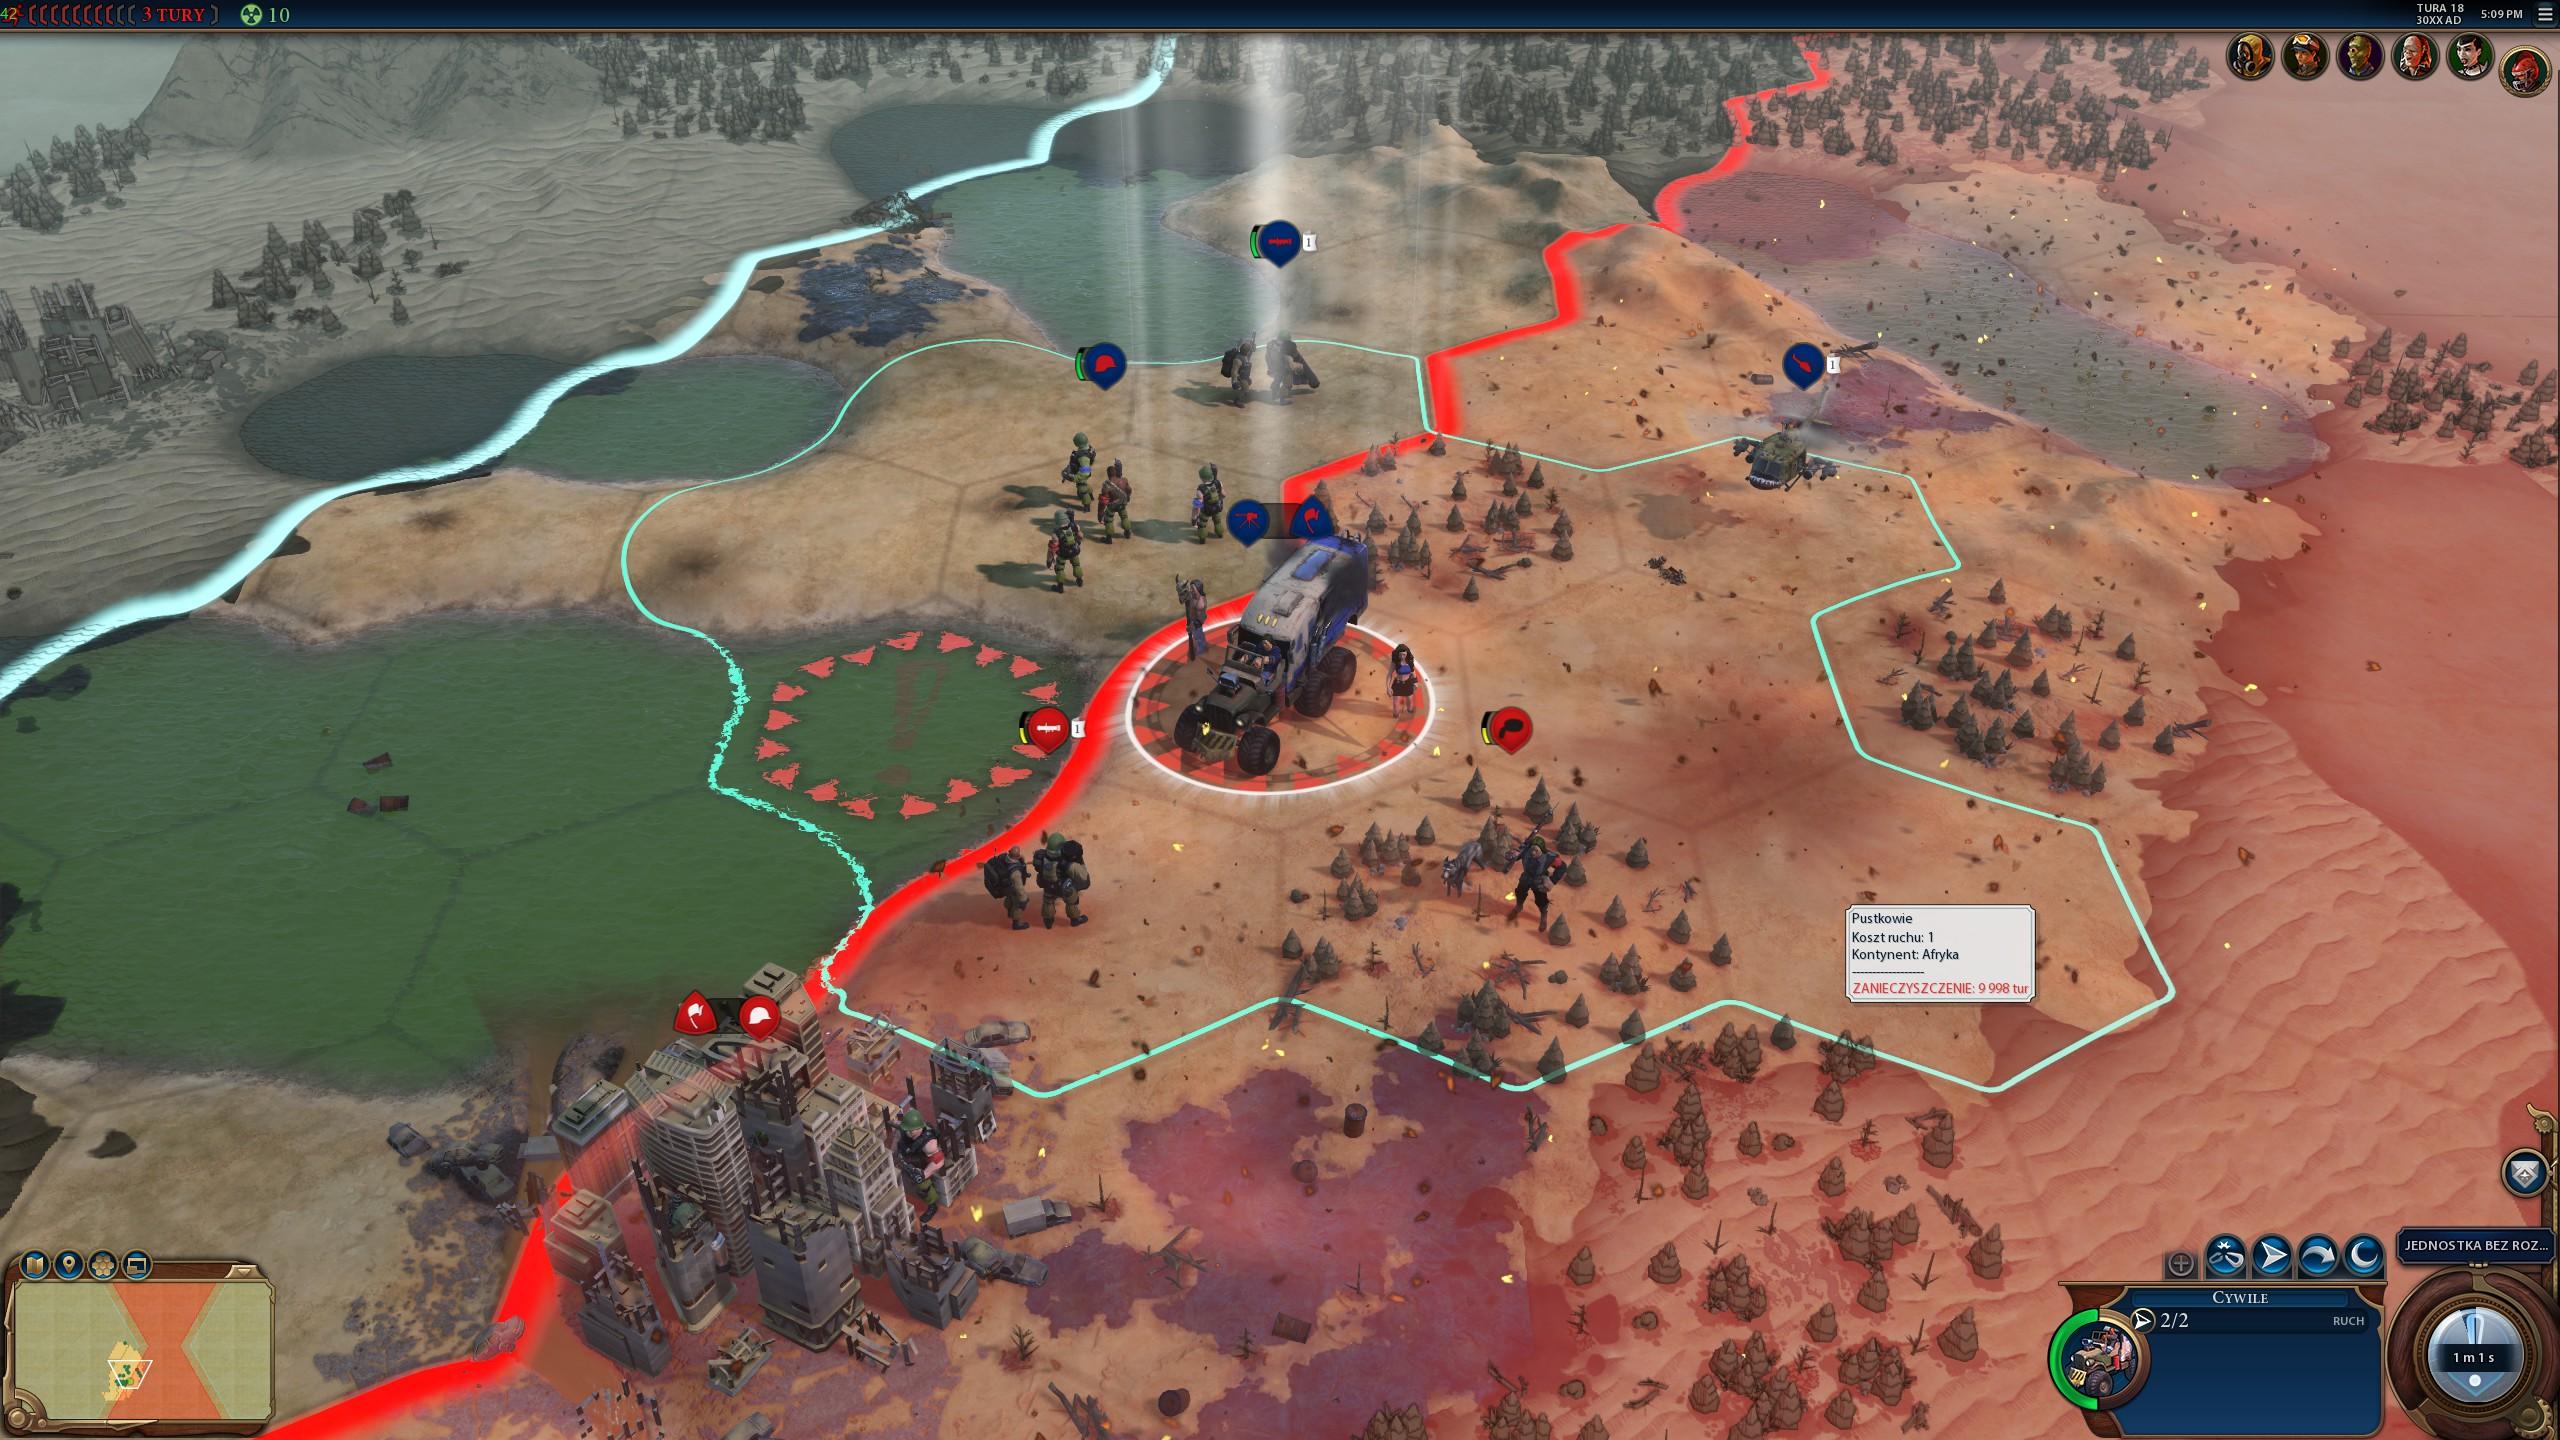 Zibilizazio VI.aren gehigarri berria battle royale modulua da. Irakurri sardexkak eta linterna hartu aurretik 1